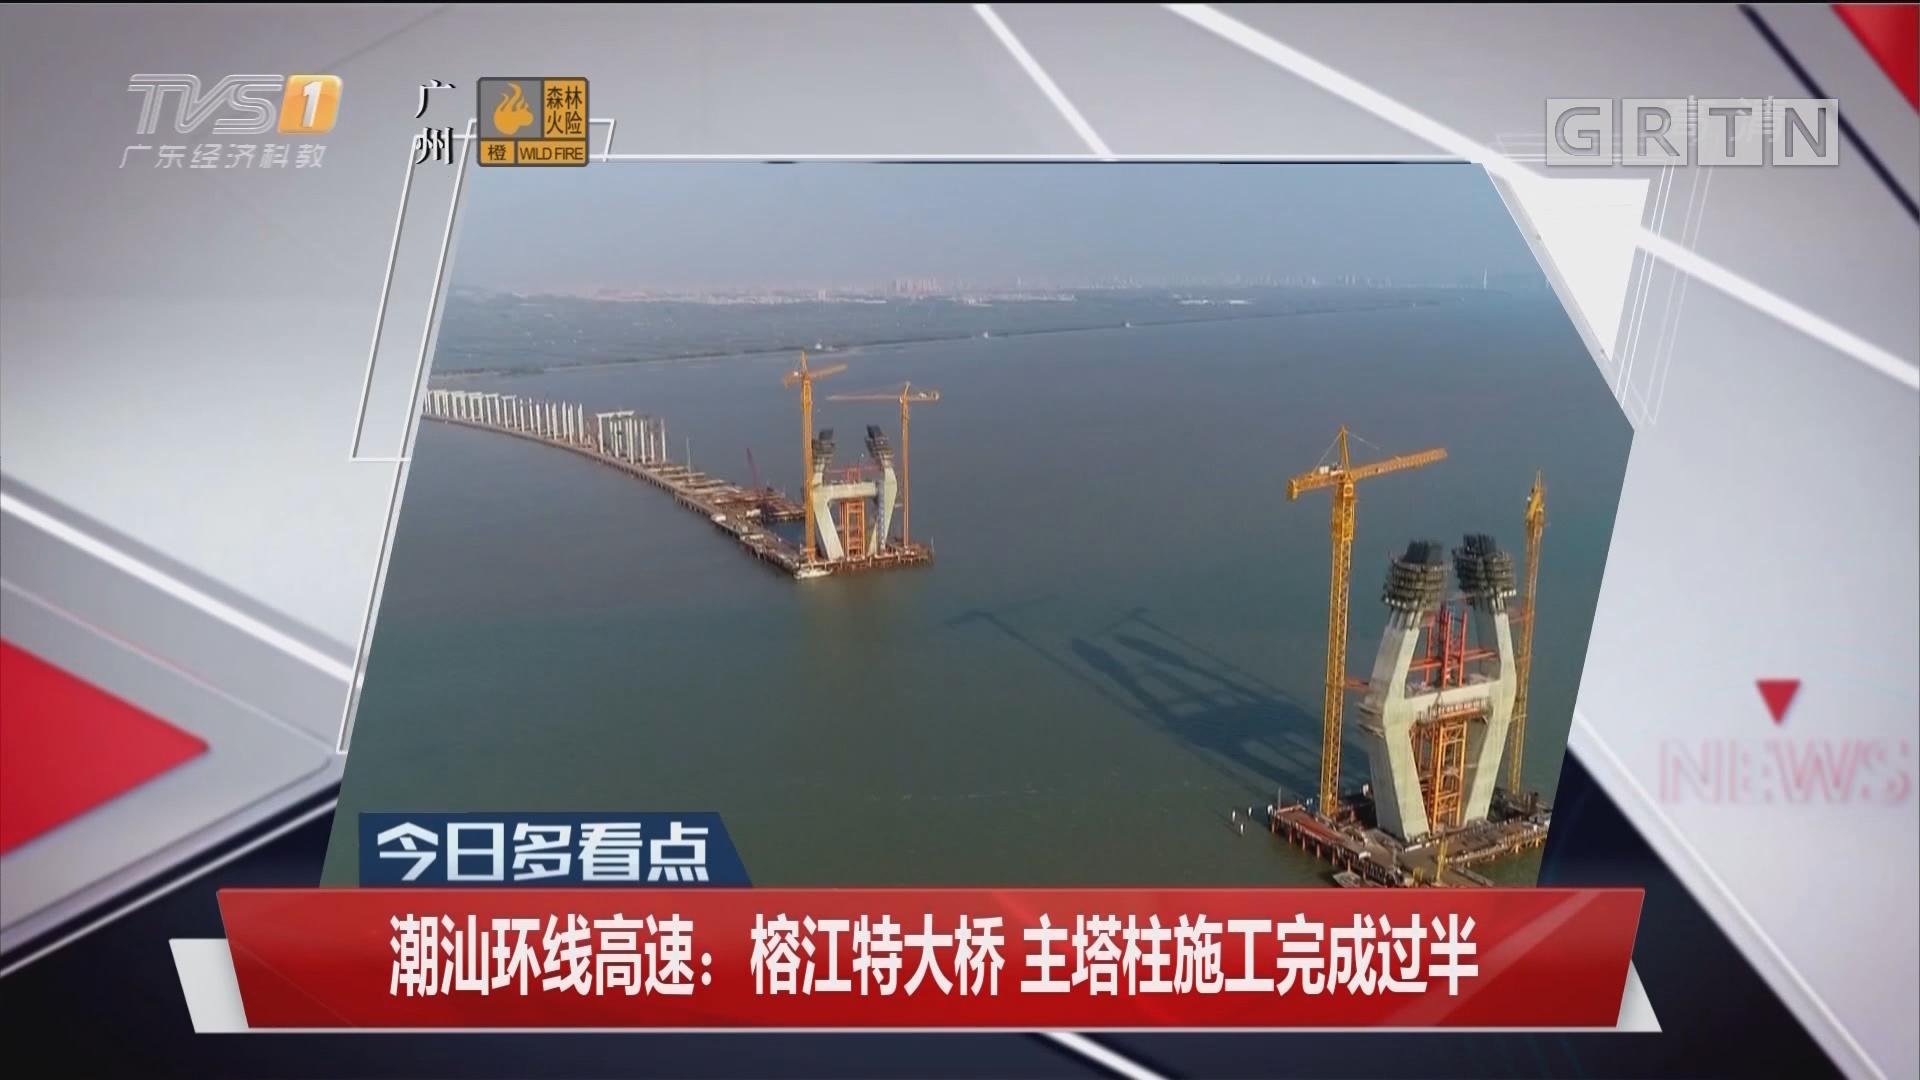 潮汕环线高速:榕江特大桥 主塔柱施工完成过半